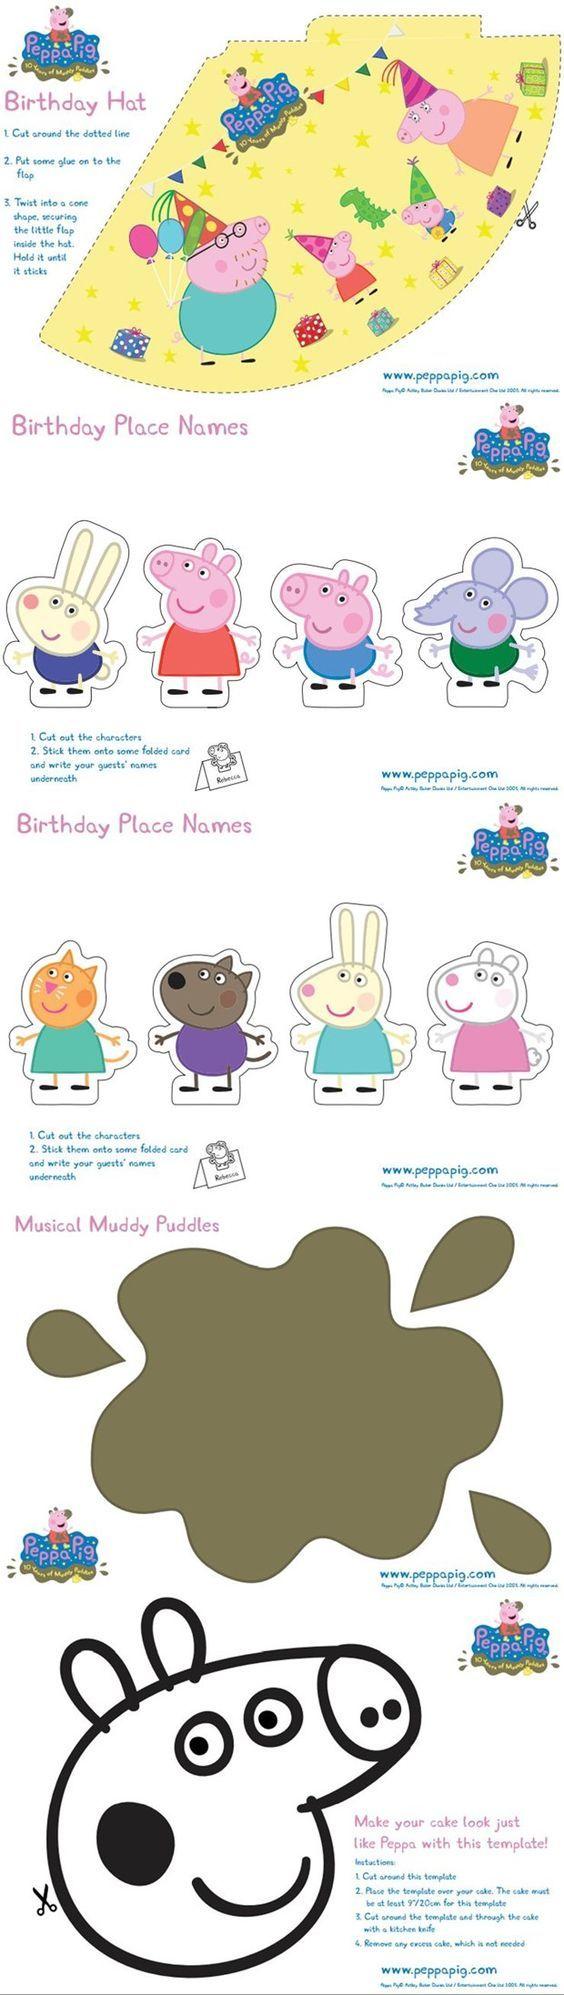 Festa Peppa Pig para imprimir (grátis!) : Mil dicas de mãe: